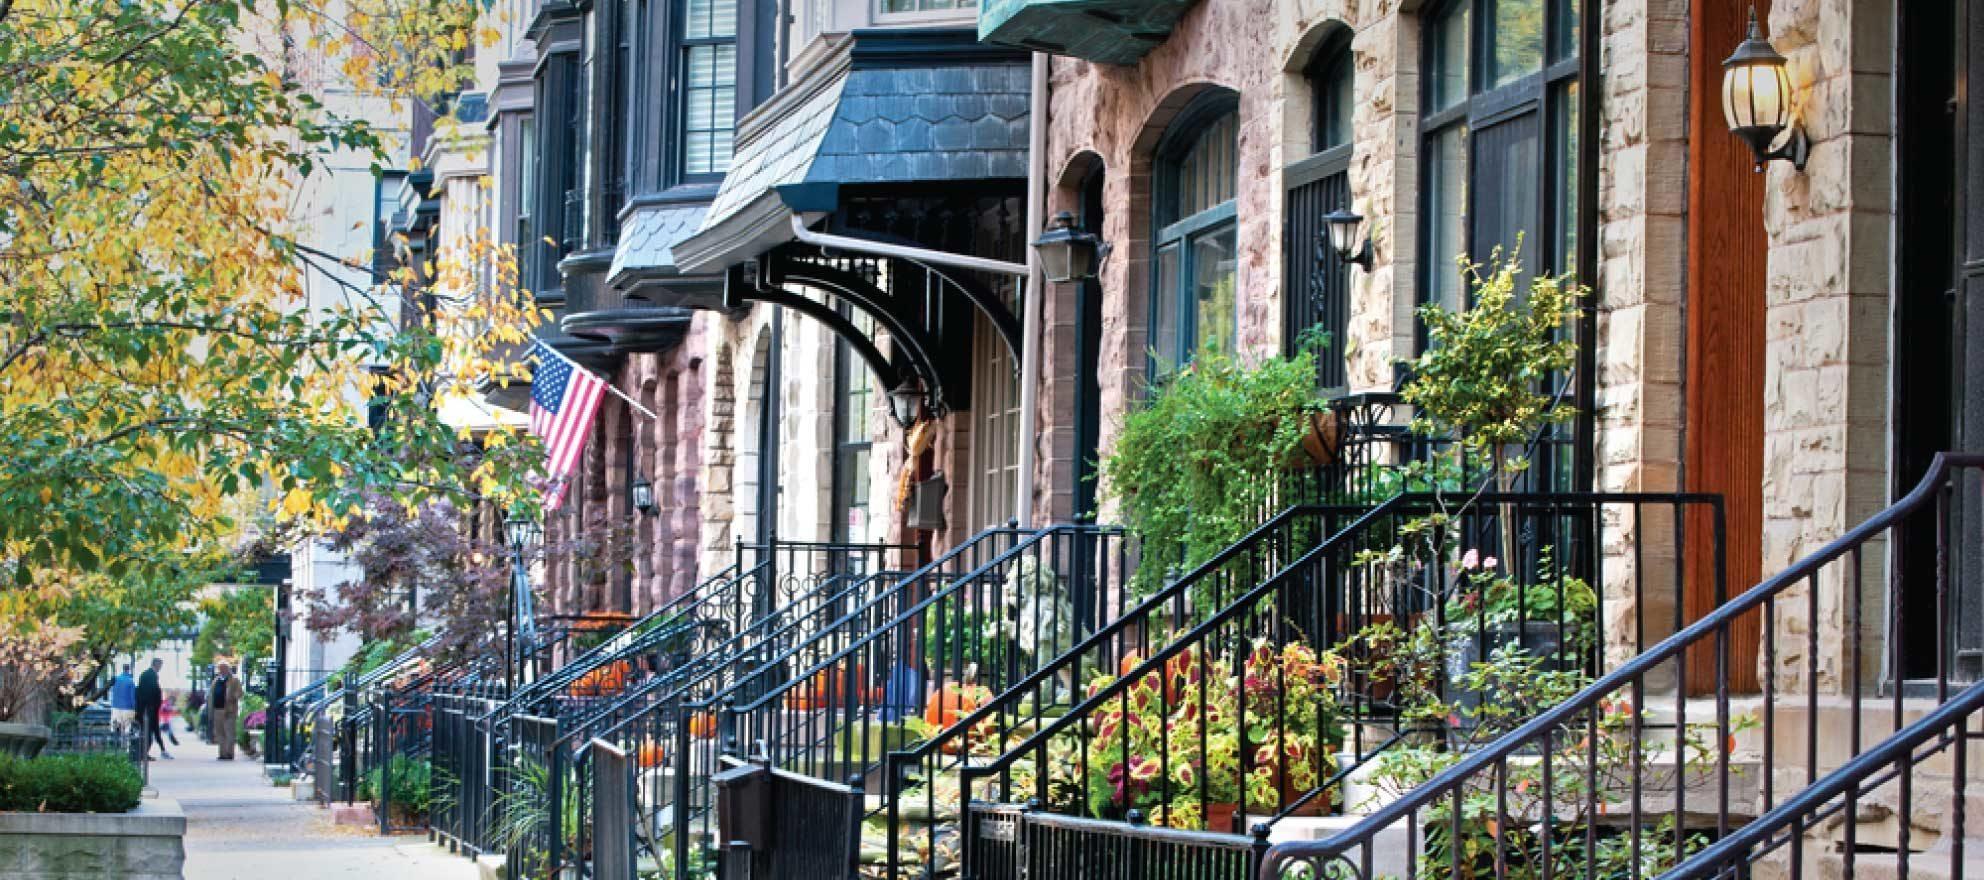 White residents eager to rebrand gentrifying neighborhoods